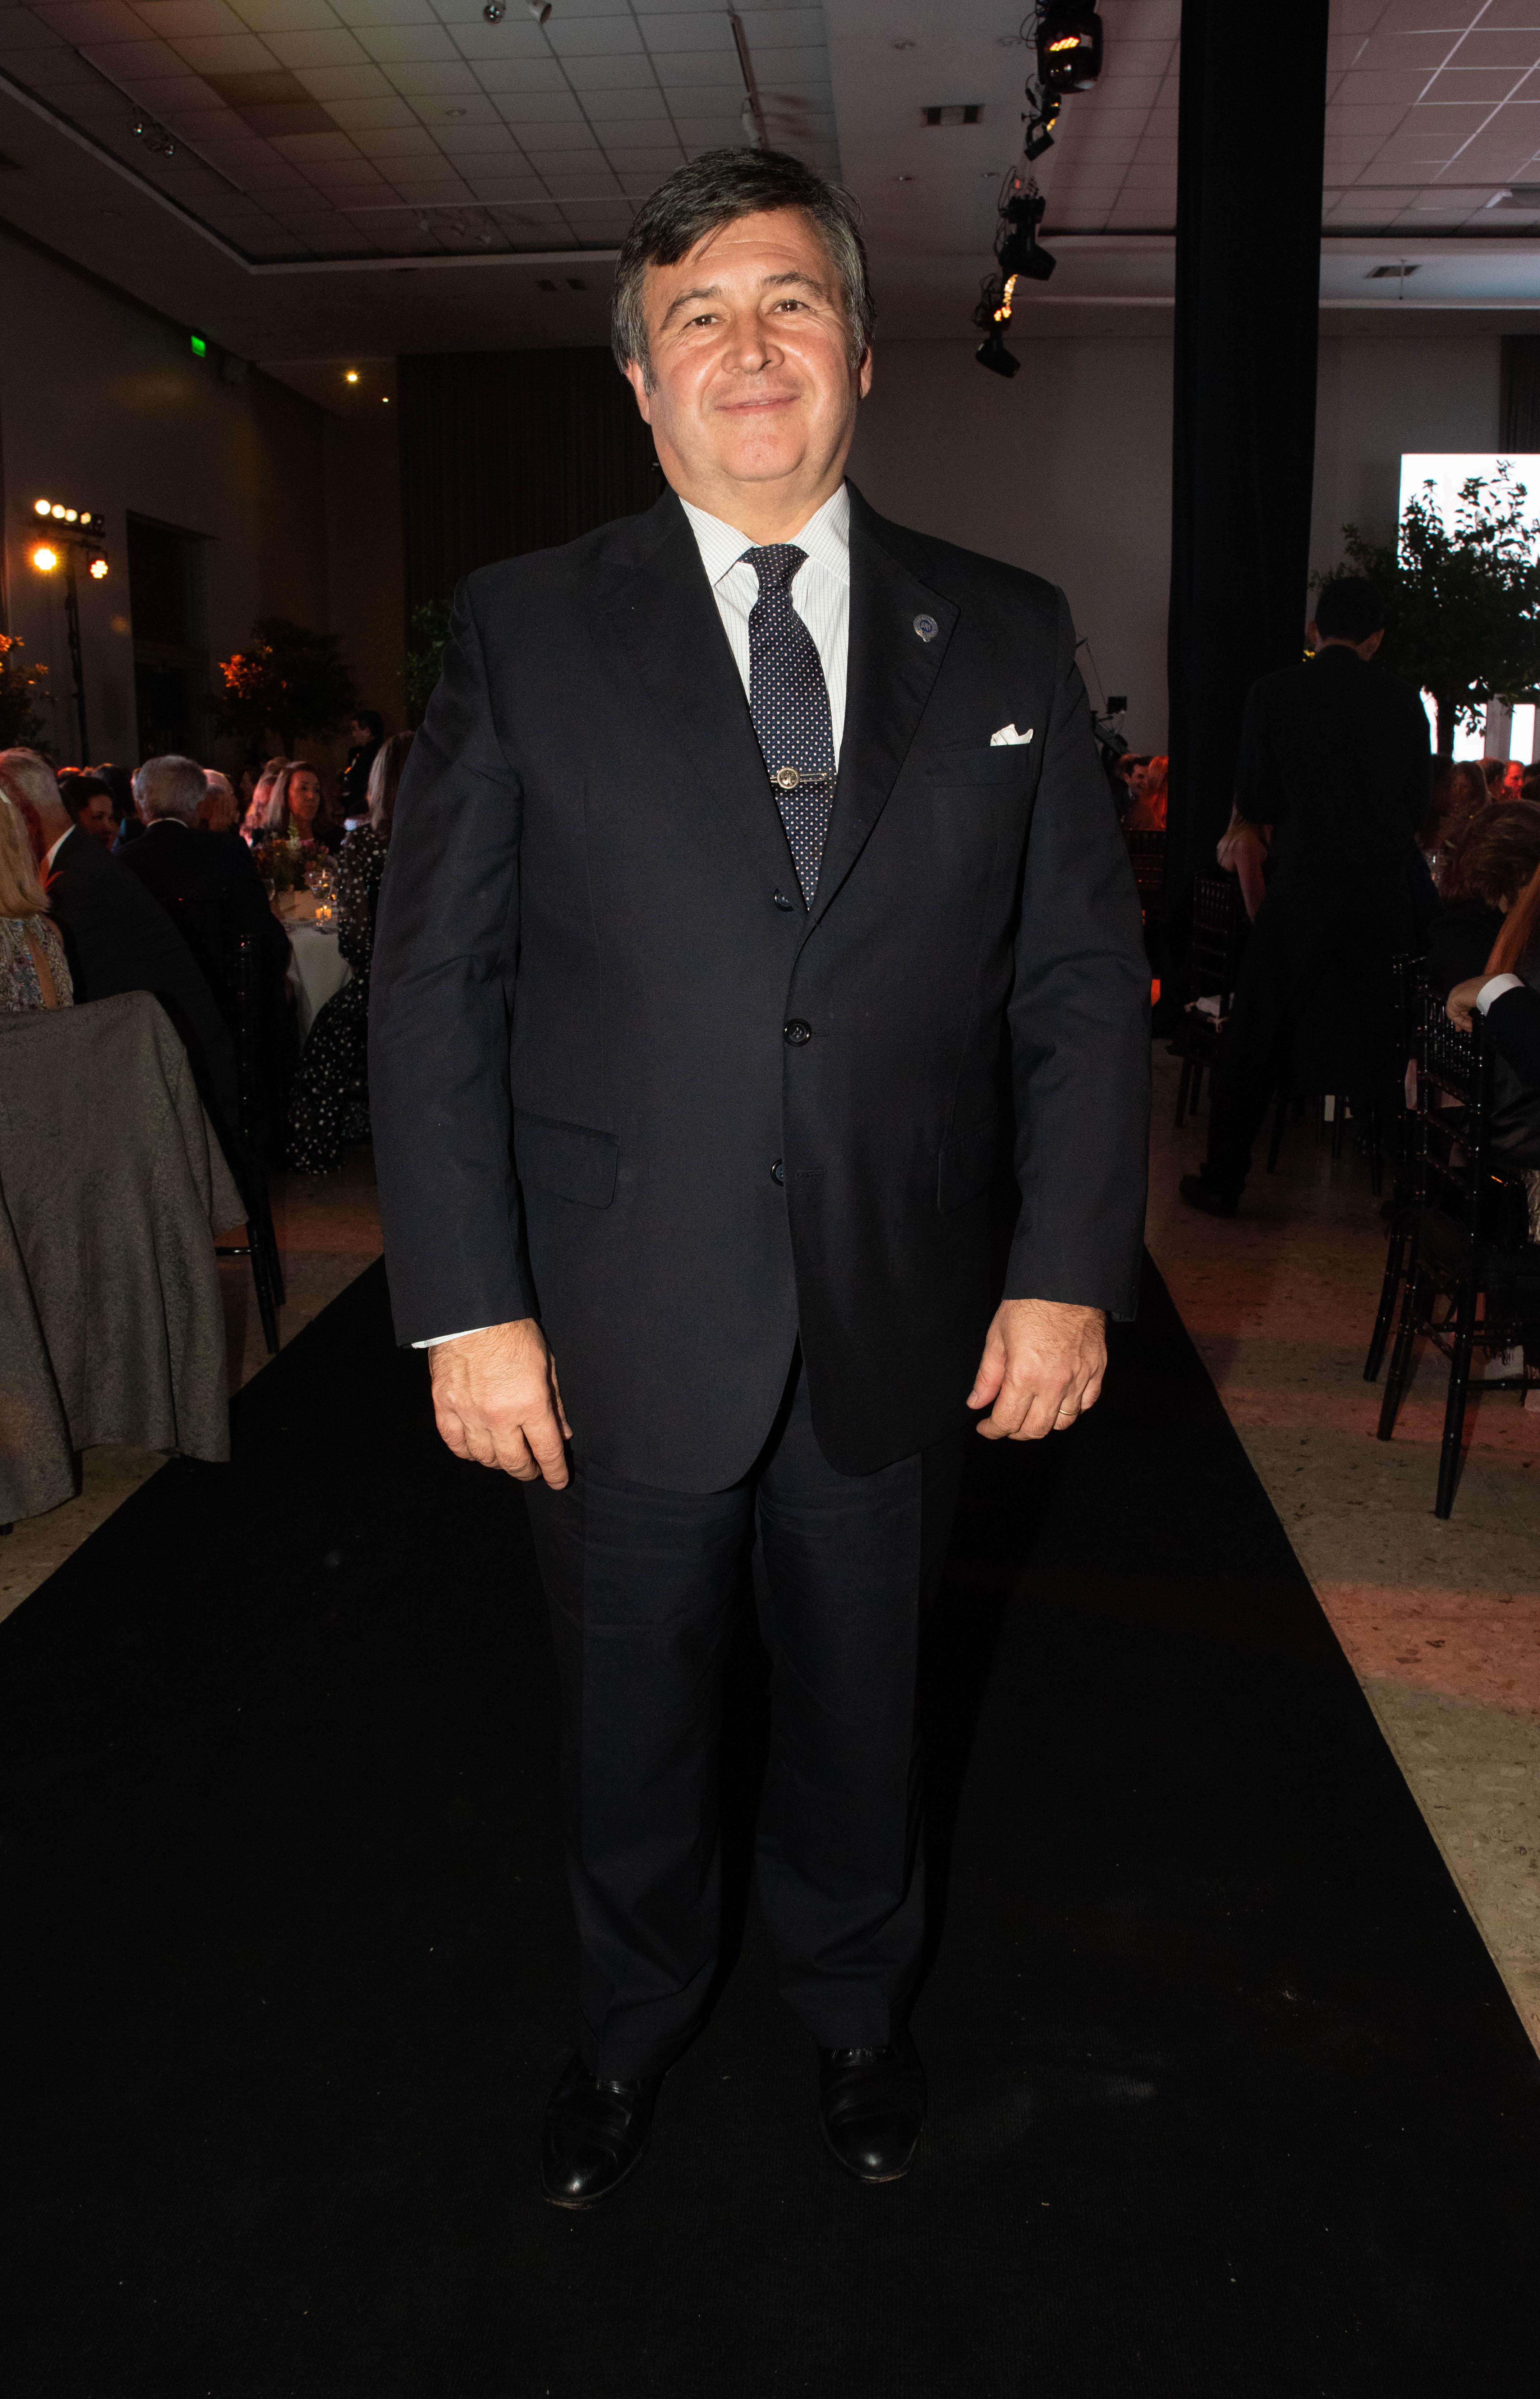 El presidente de la Sociedad Rural Argentina, Daniel Pellegrina